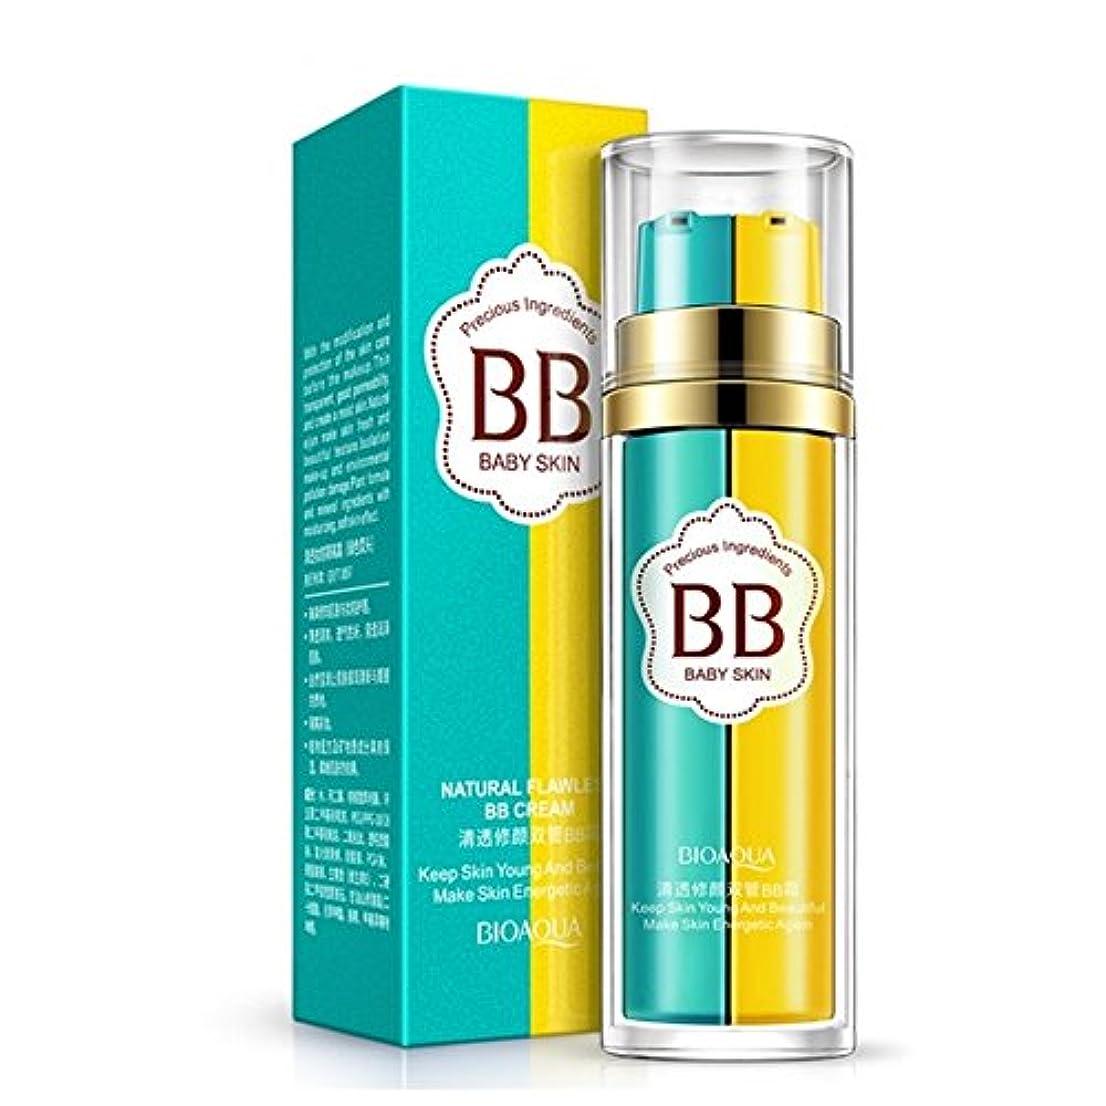 少年グッゲンハイム美術館札入れFace Double BB Cream Concealer Moisturizing Nourish Brighten BB Cream Natural Nude Makeup Long-Lasting Not Easy To Flower Makeup. (3.Light Skin)